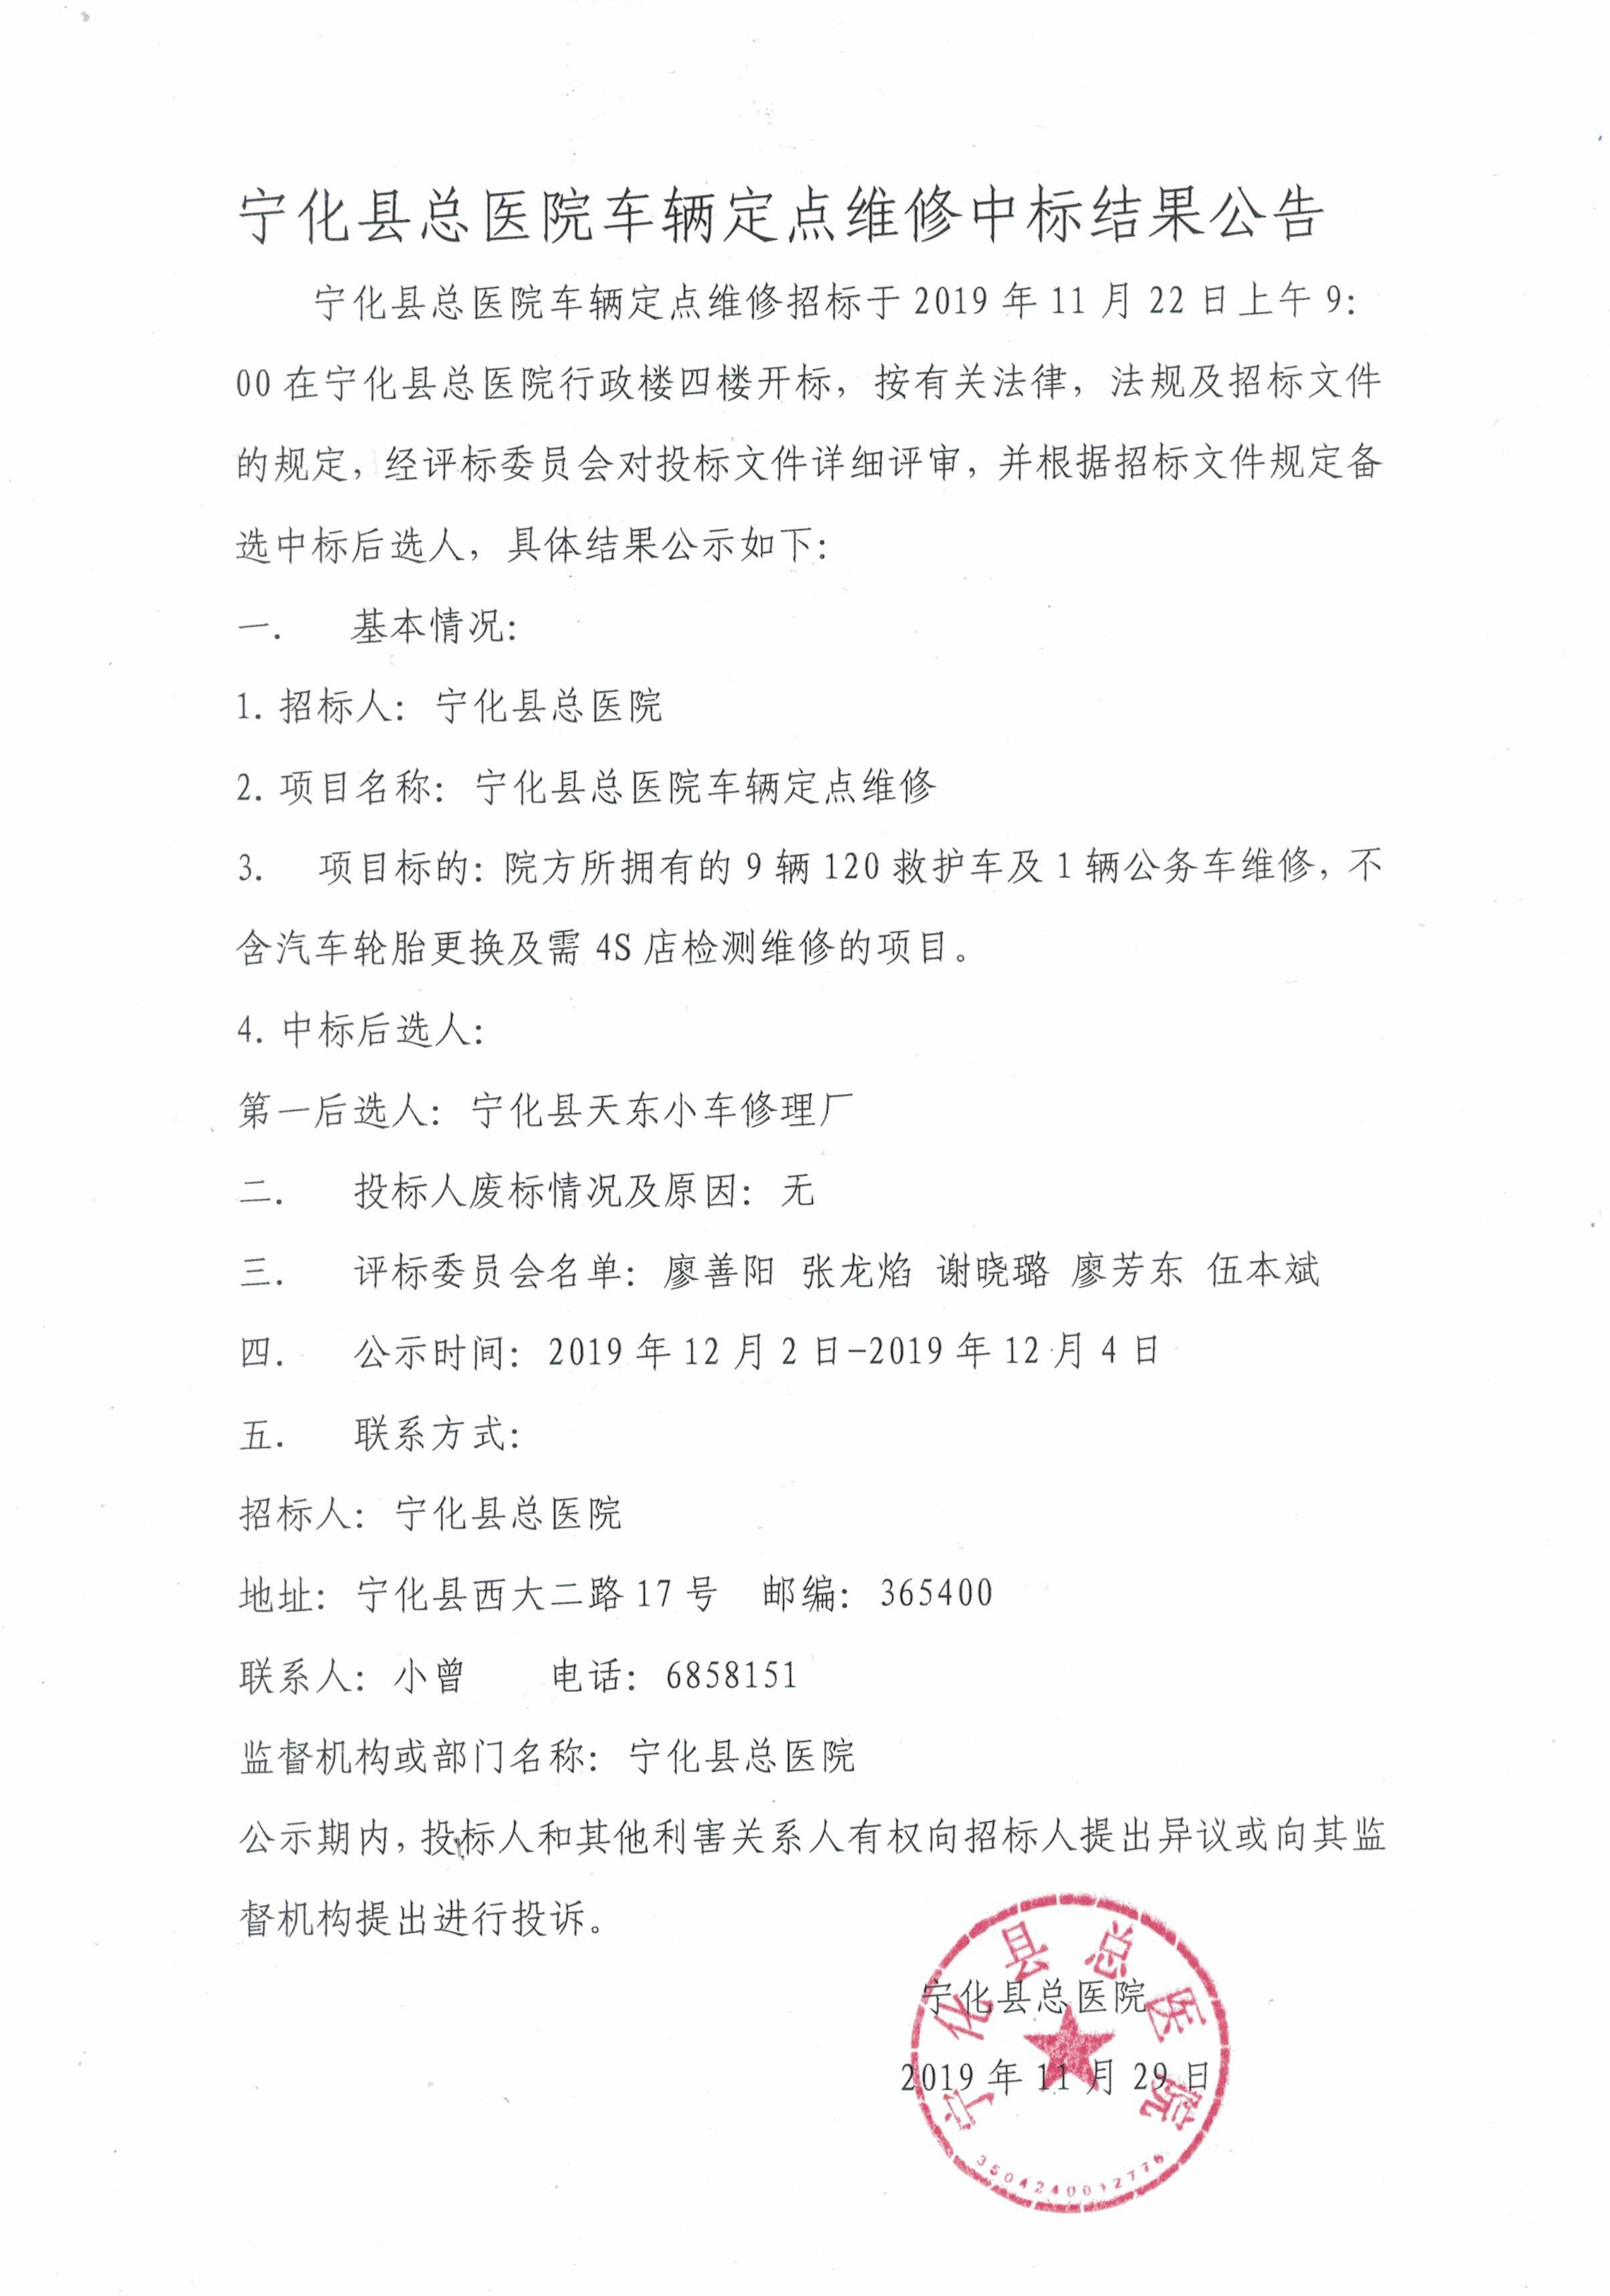 寧化縣總醫(yi)院(yuan)車輛定點維修中標結果公告